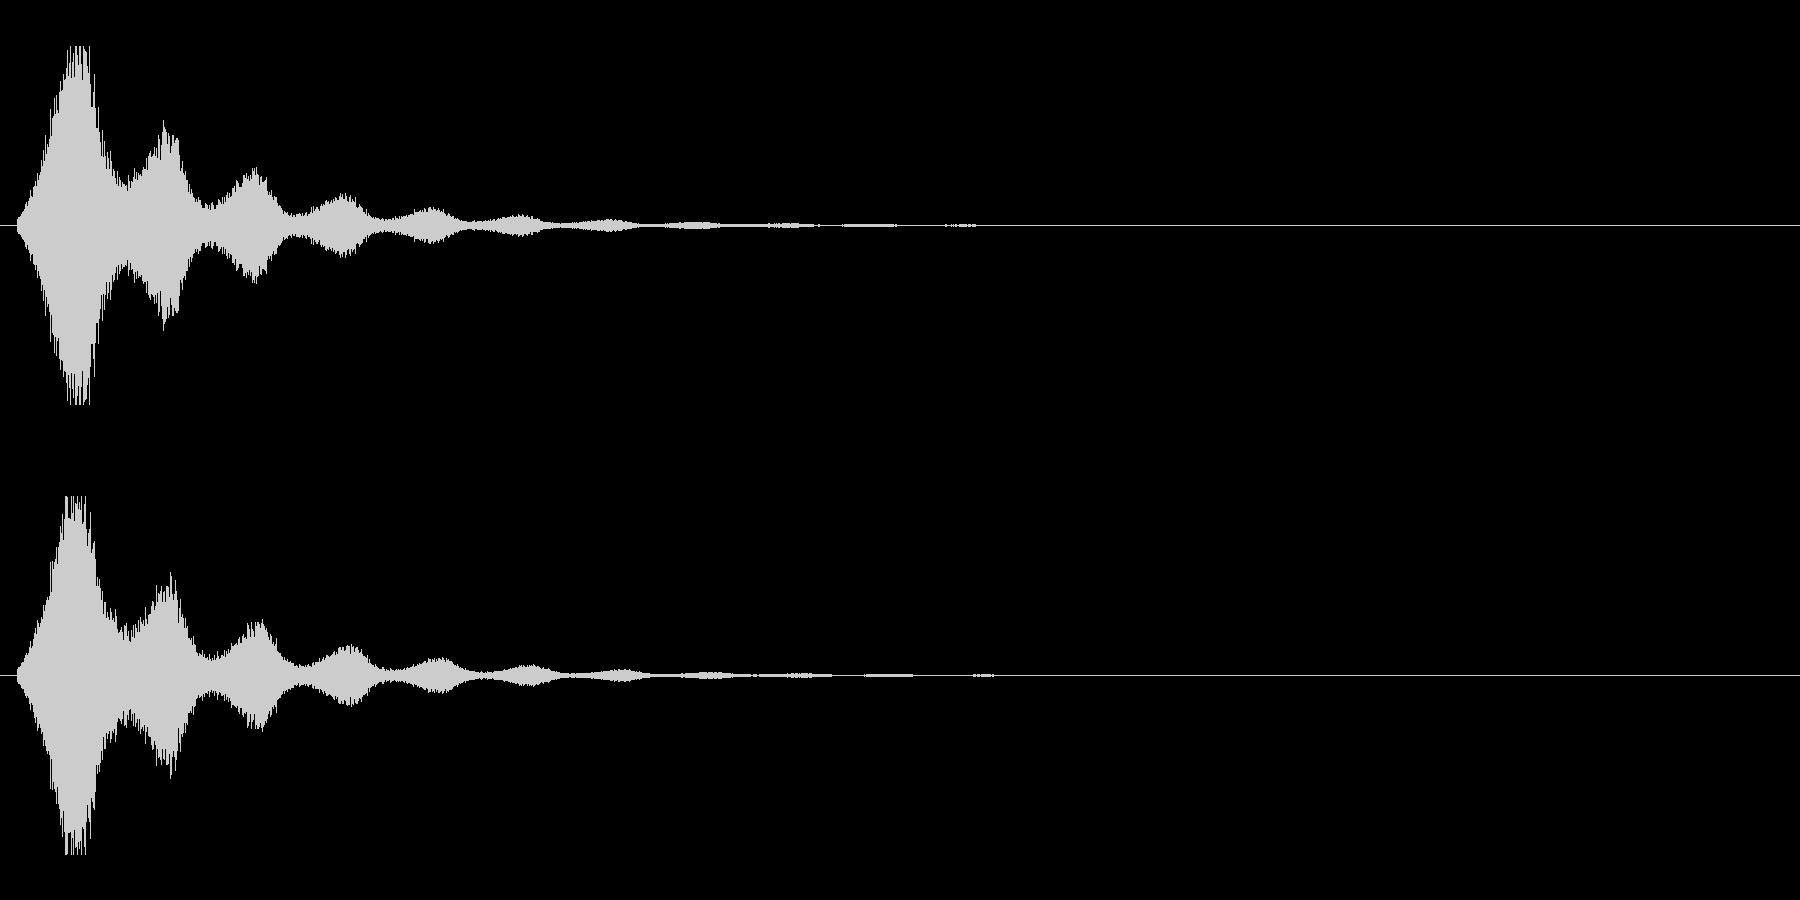 レーザー音-157-2の未再生の波形